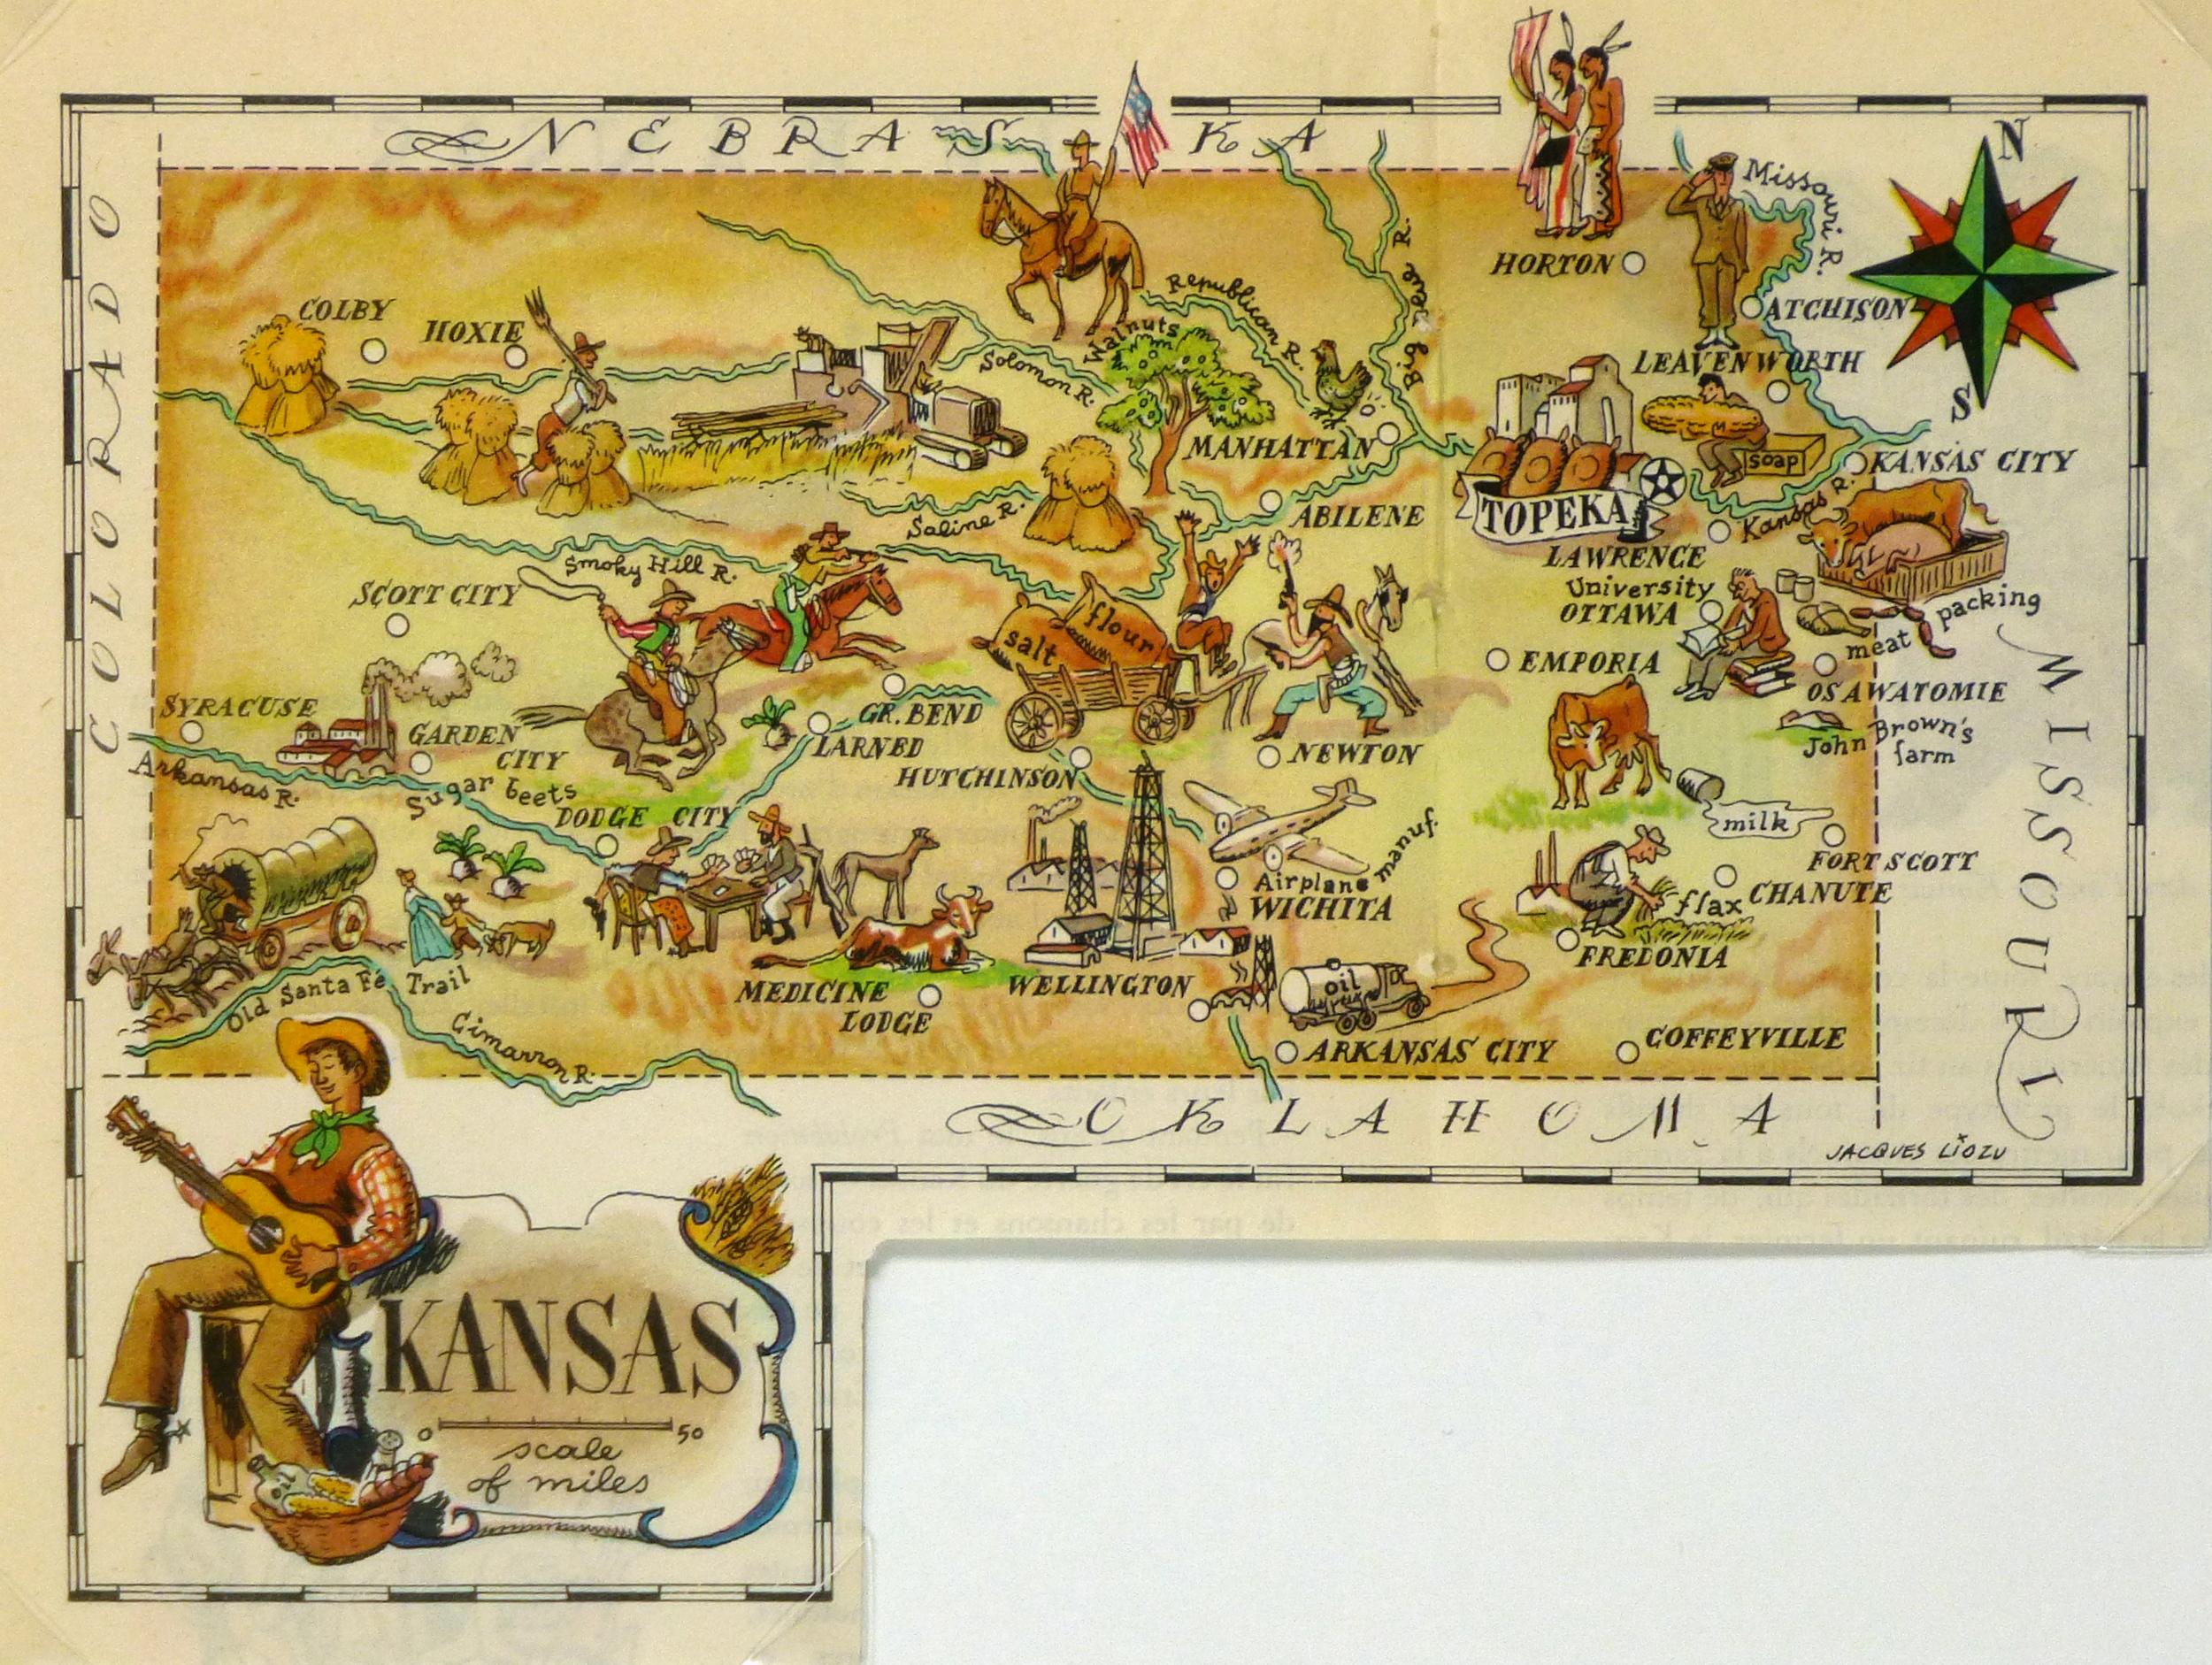 Pictorial Map - Kansas, 1946-main-6276K